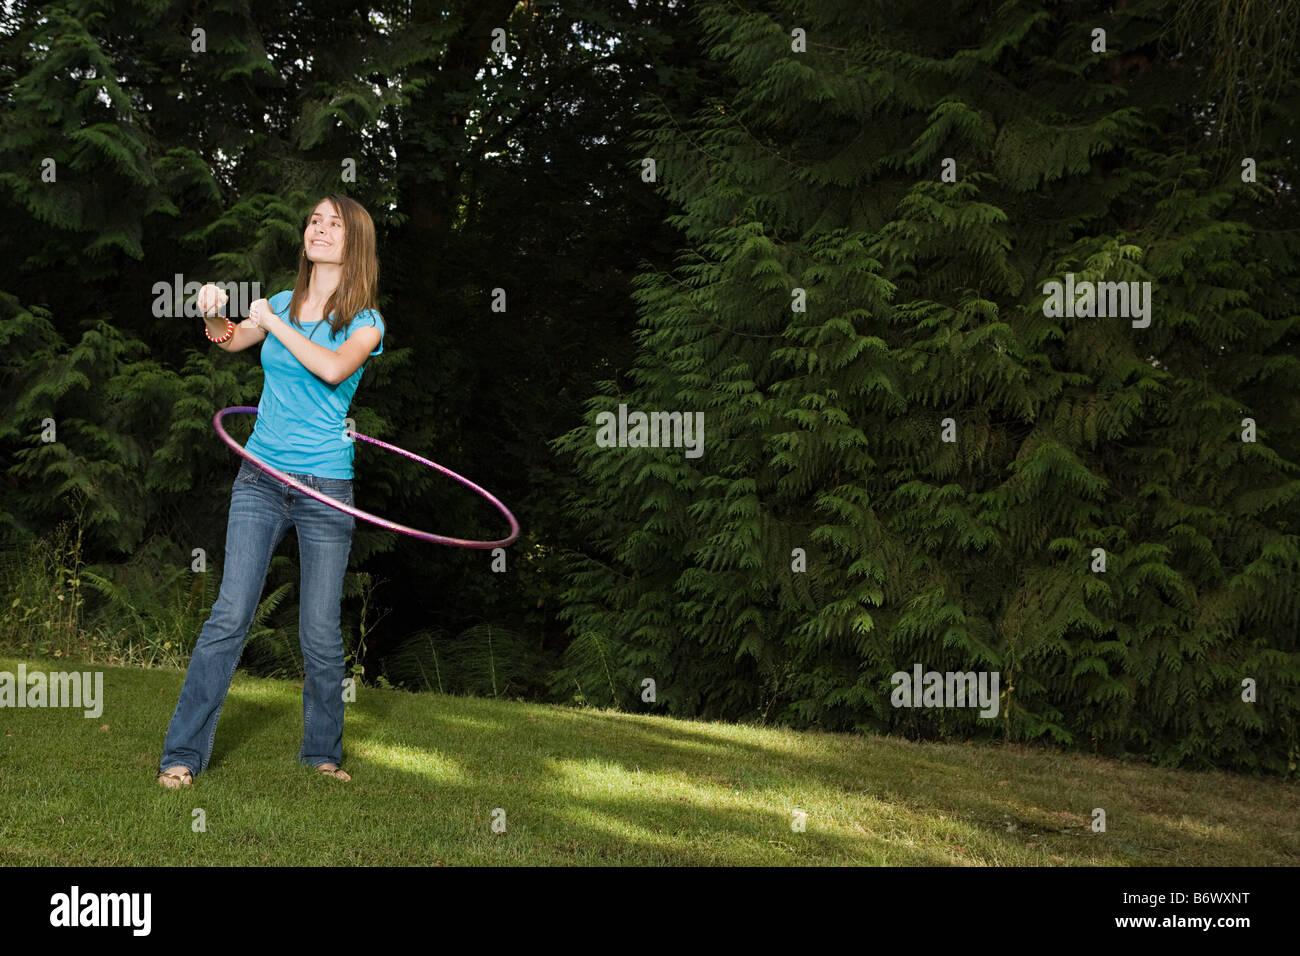 Teenage girl with plastic hoop - Stock Image